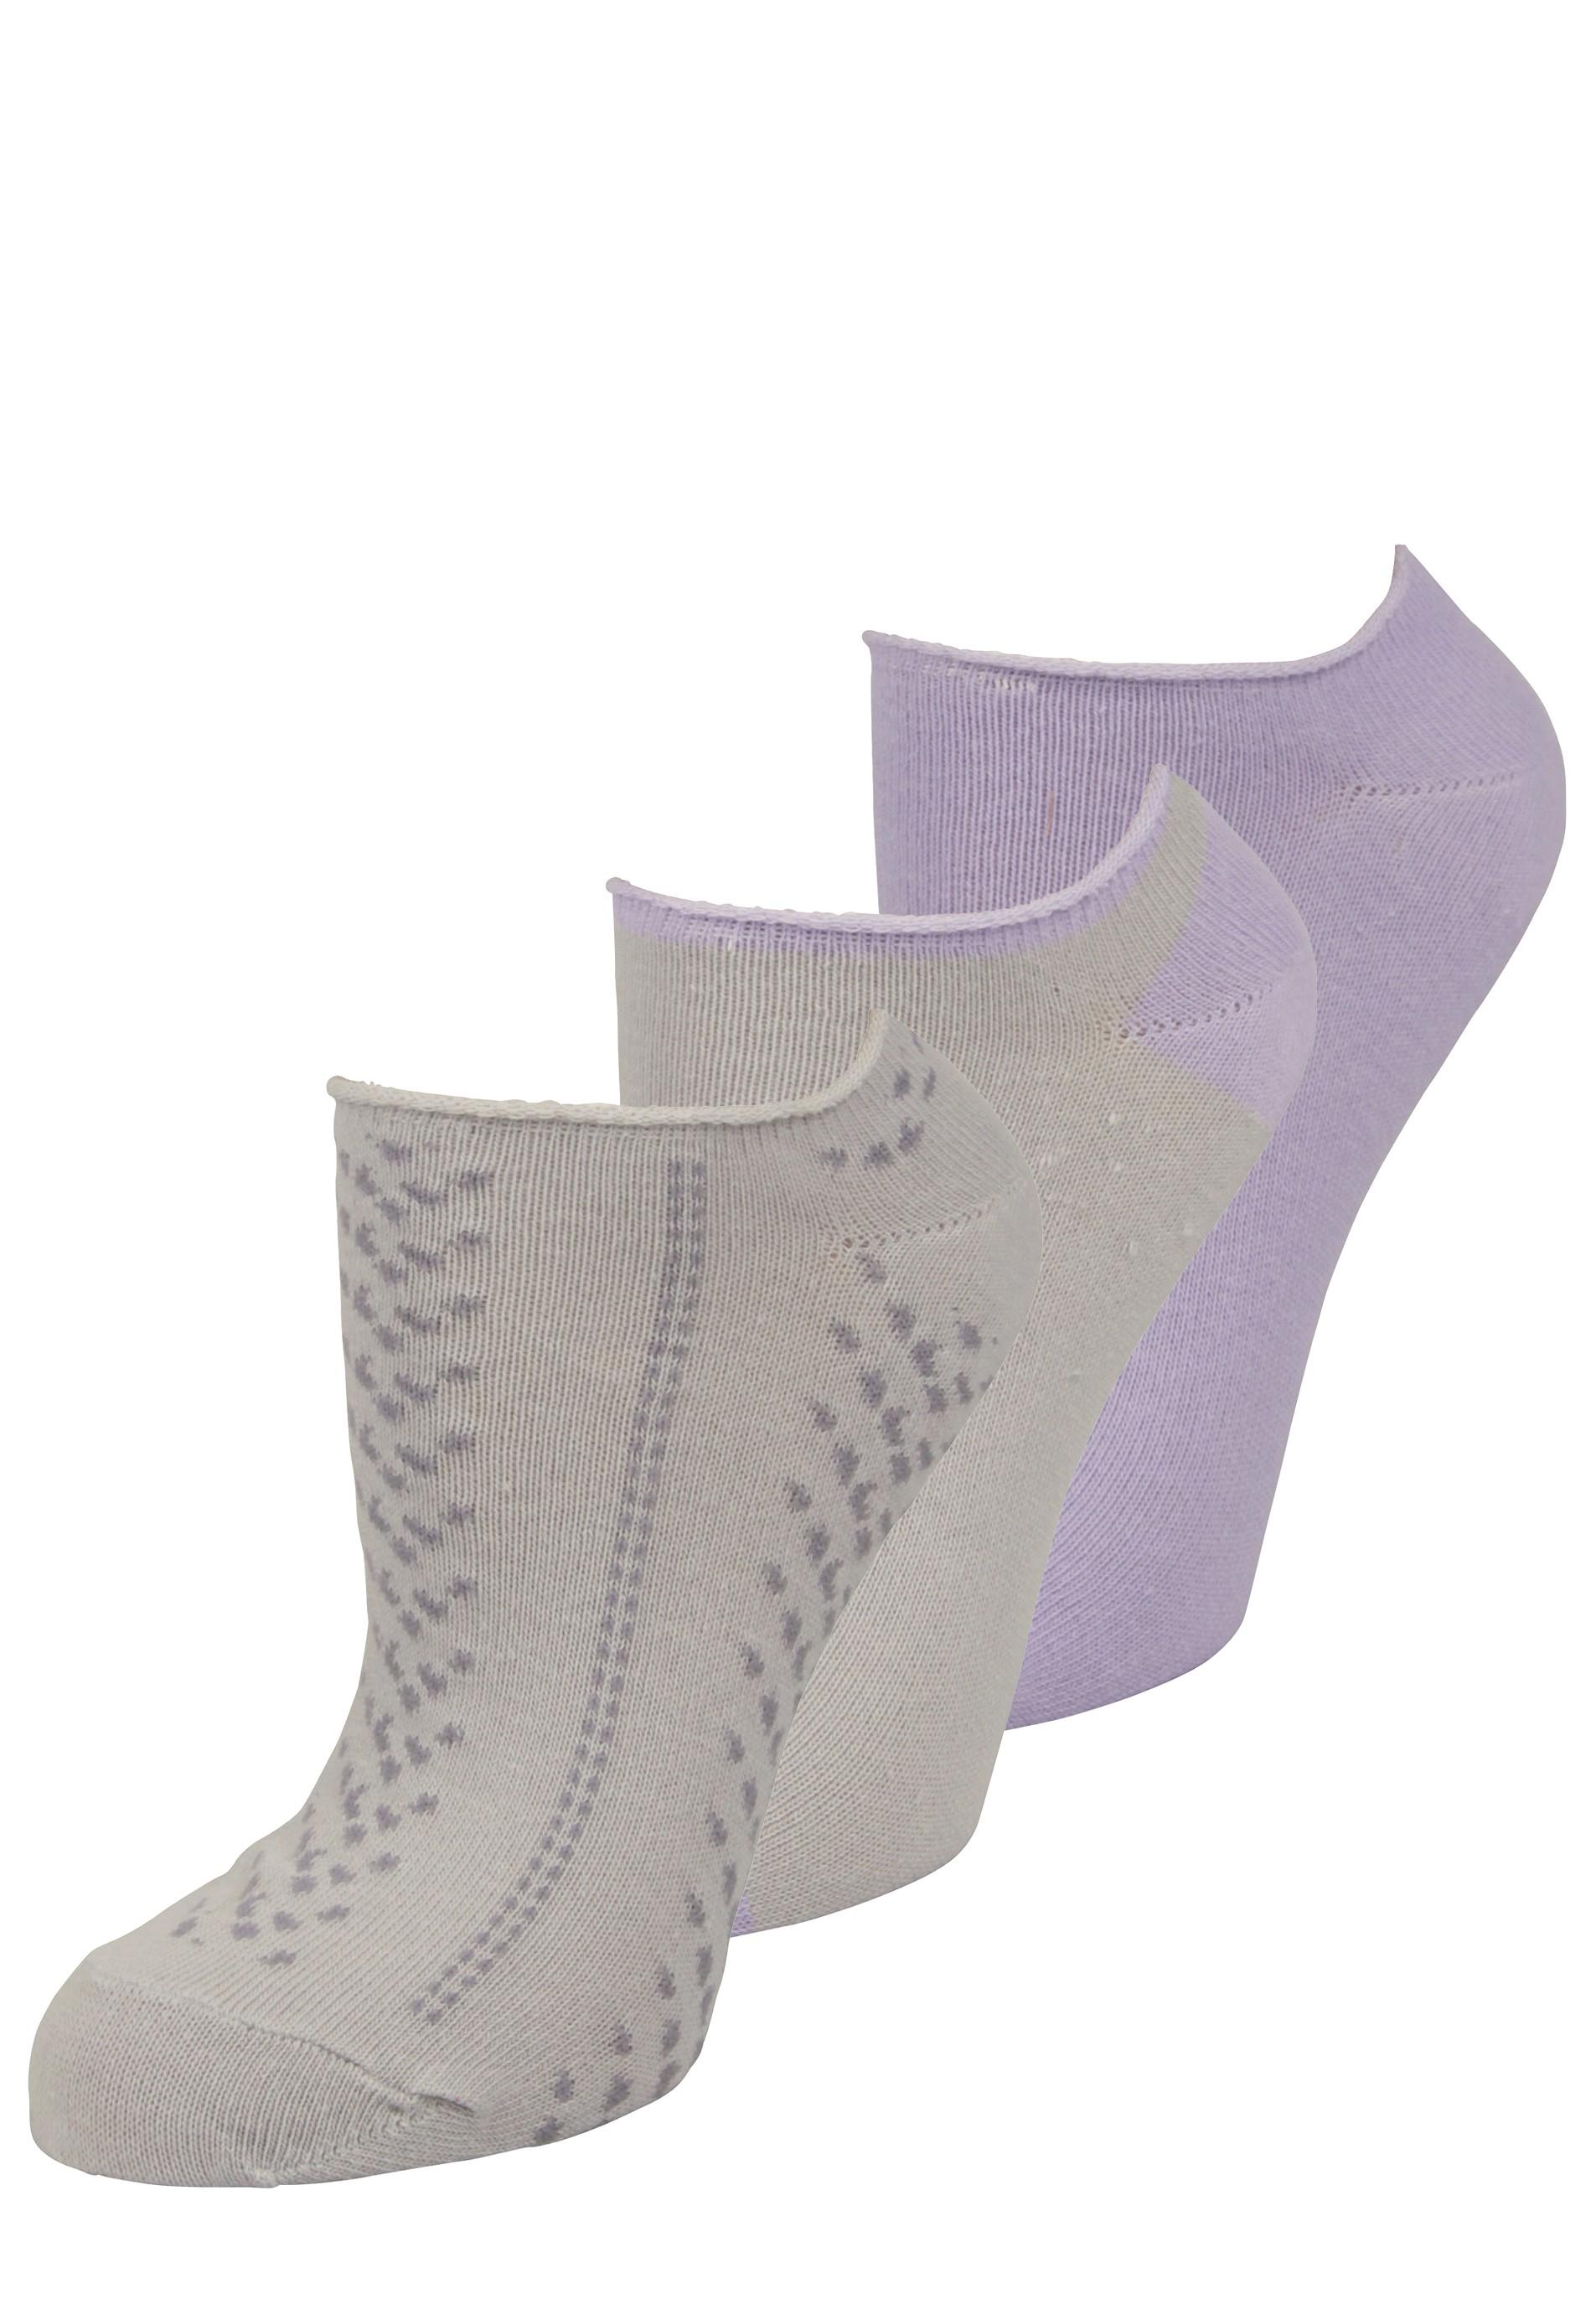 Sneaker Socken Set in grau und lila